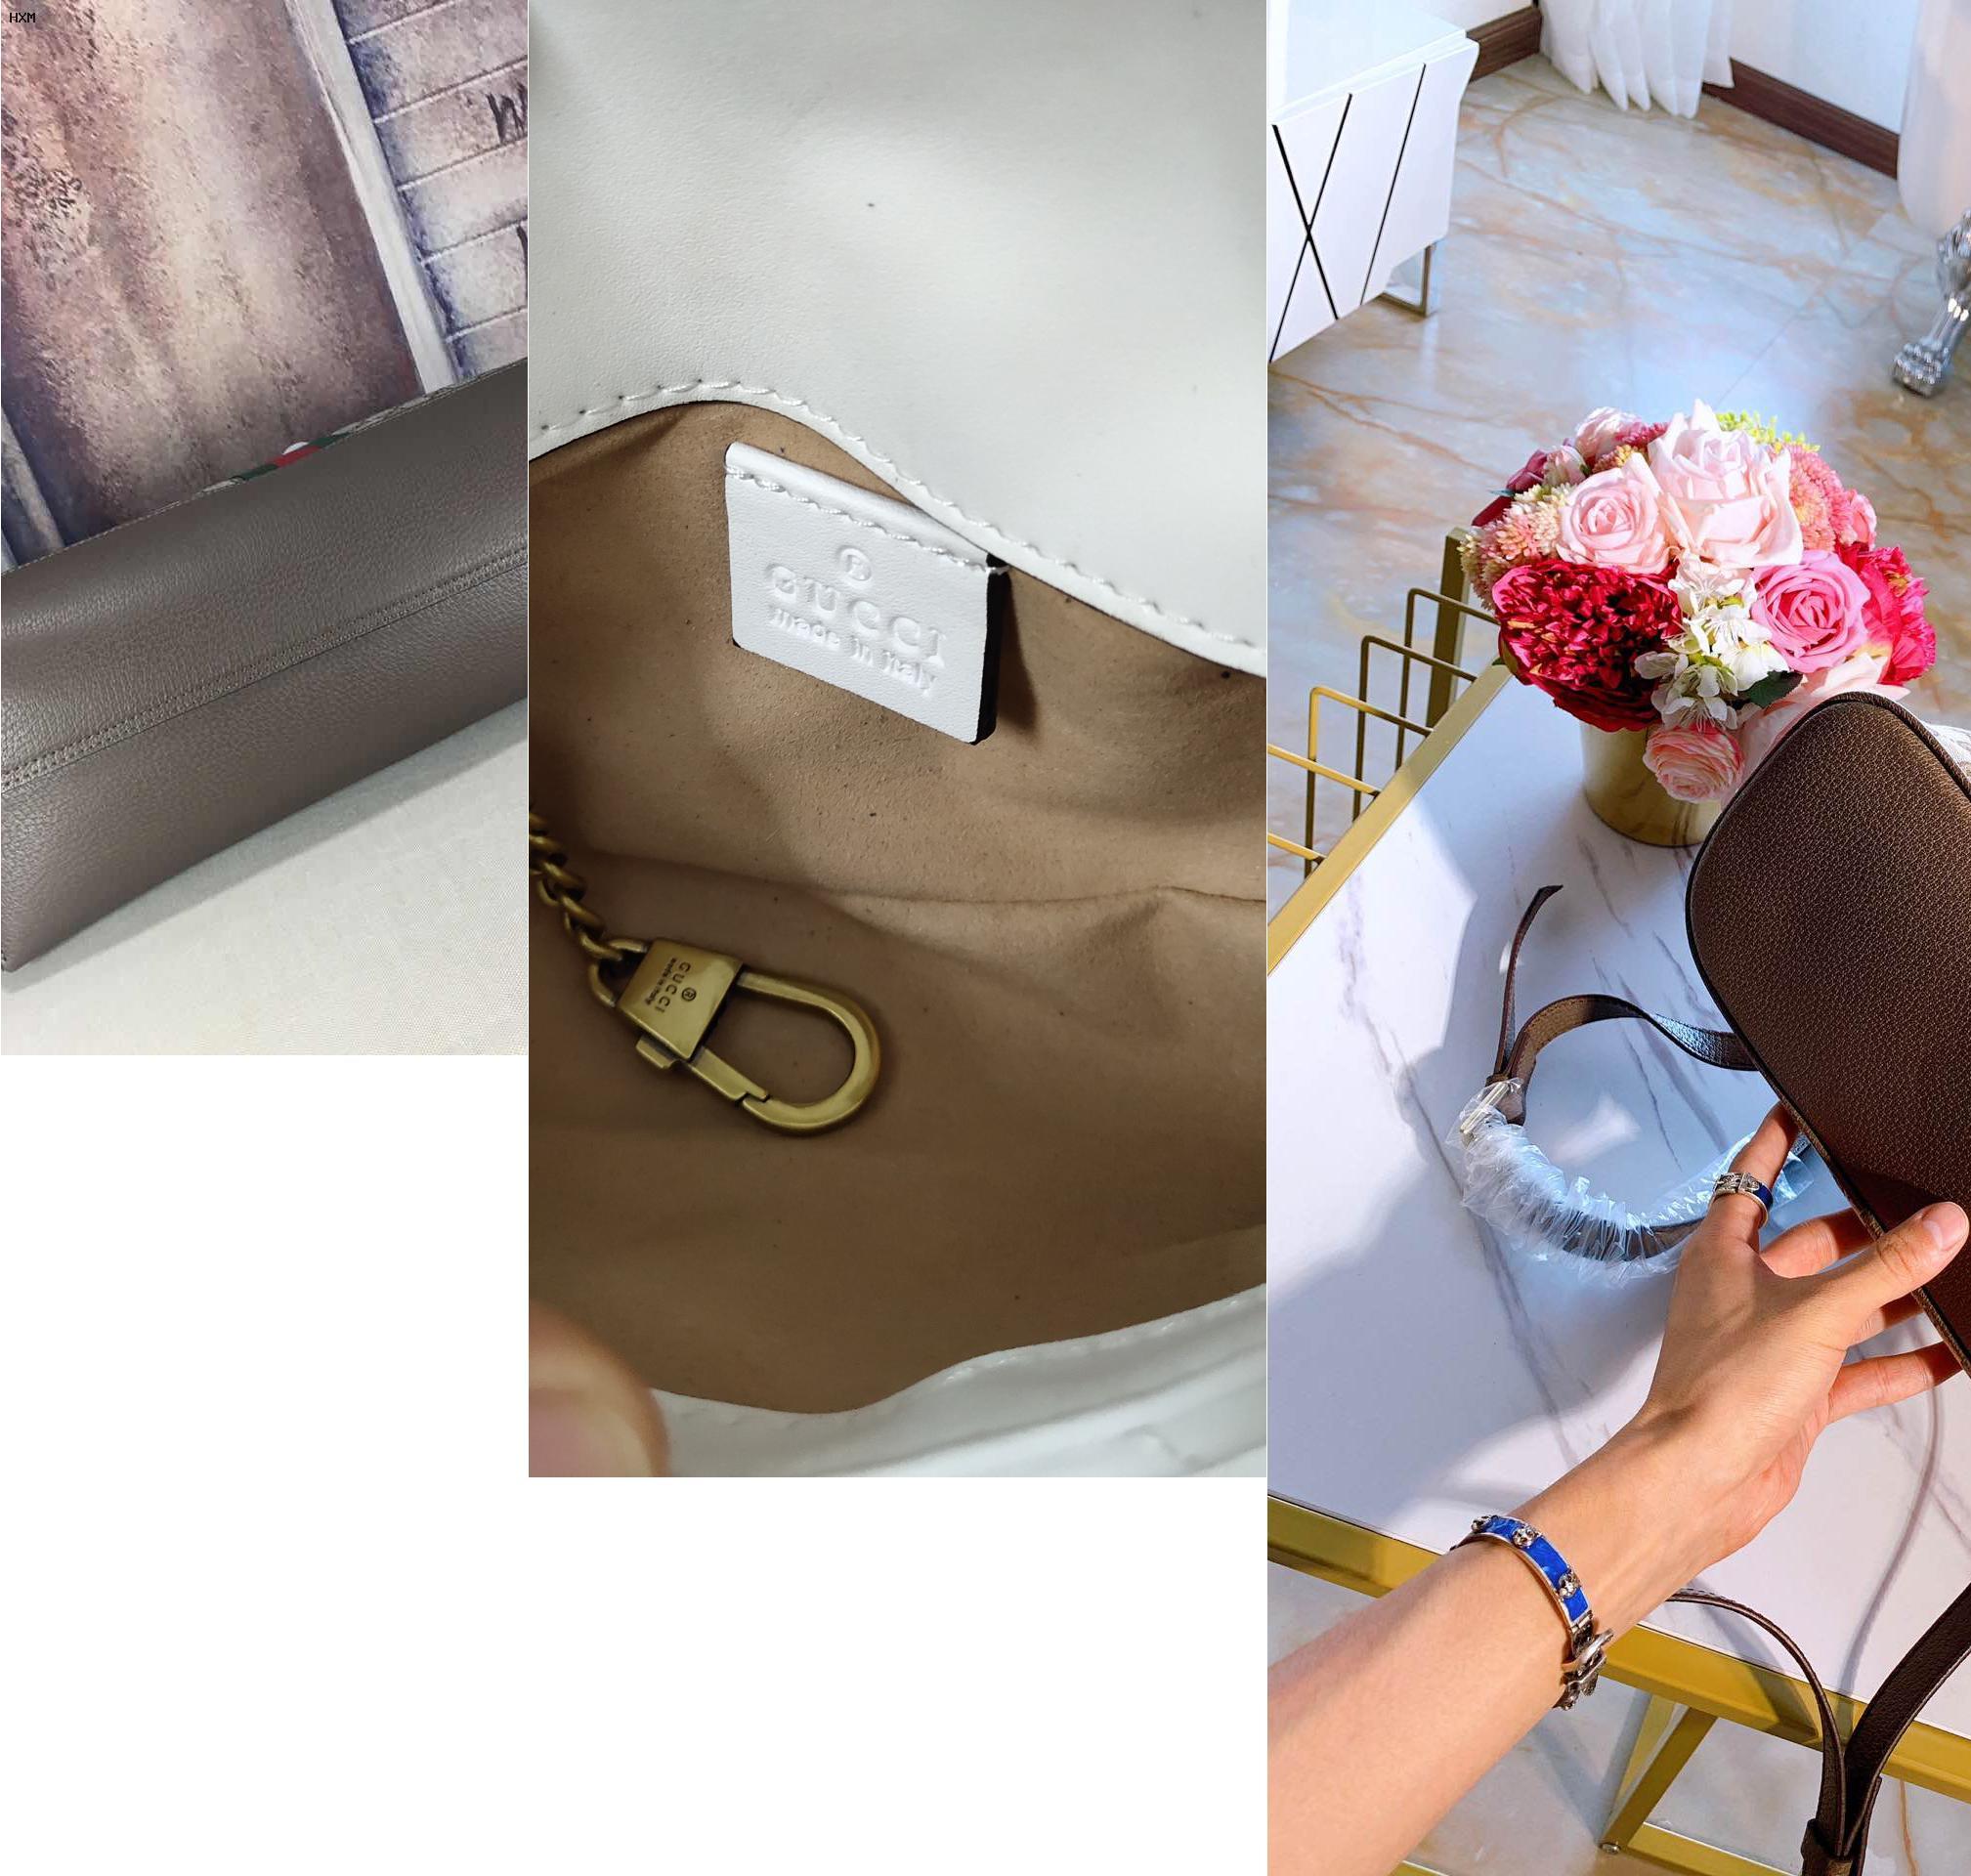 borse gucci nuova collezione 2015